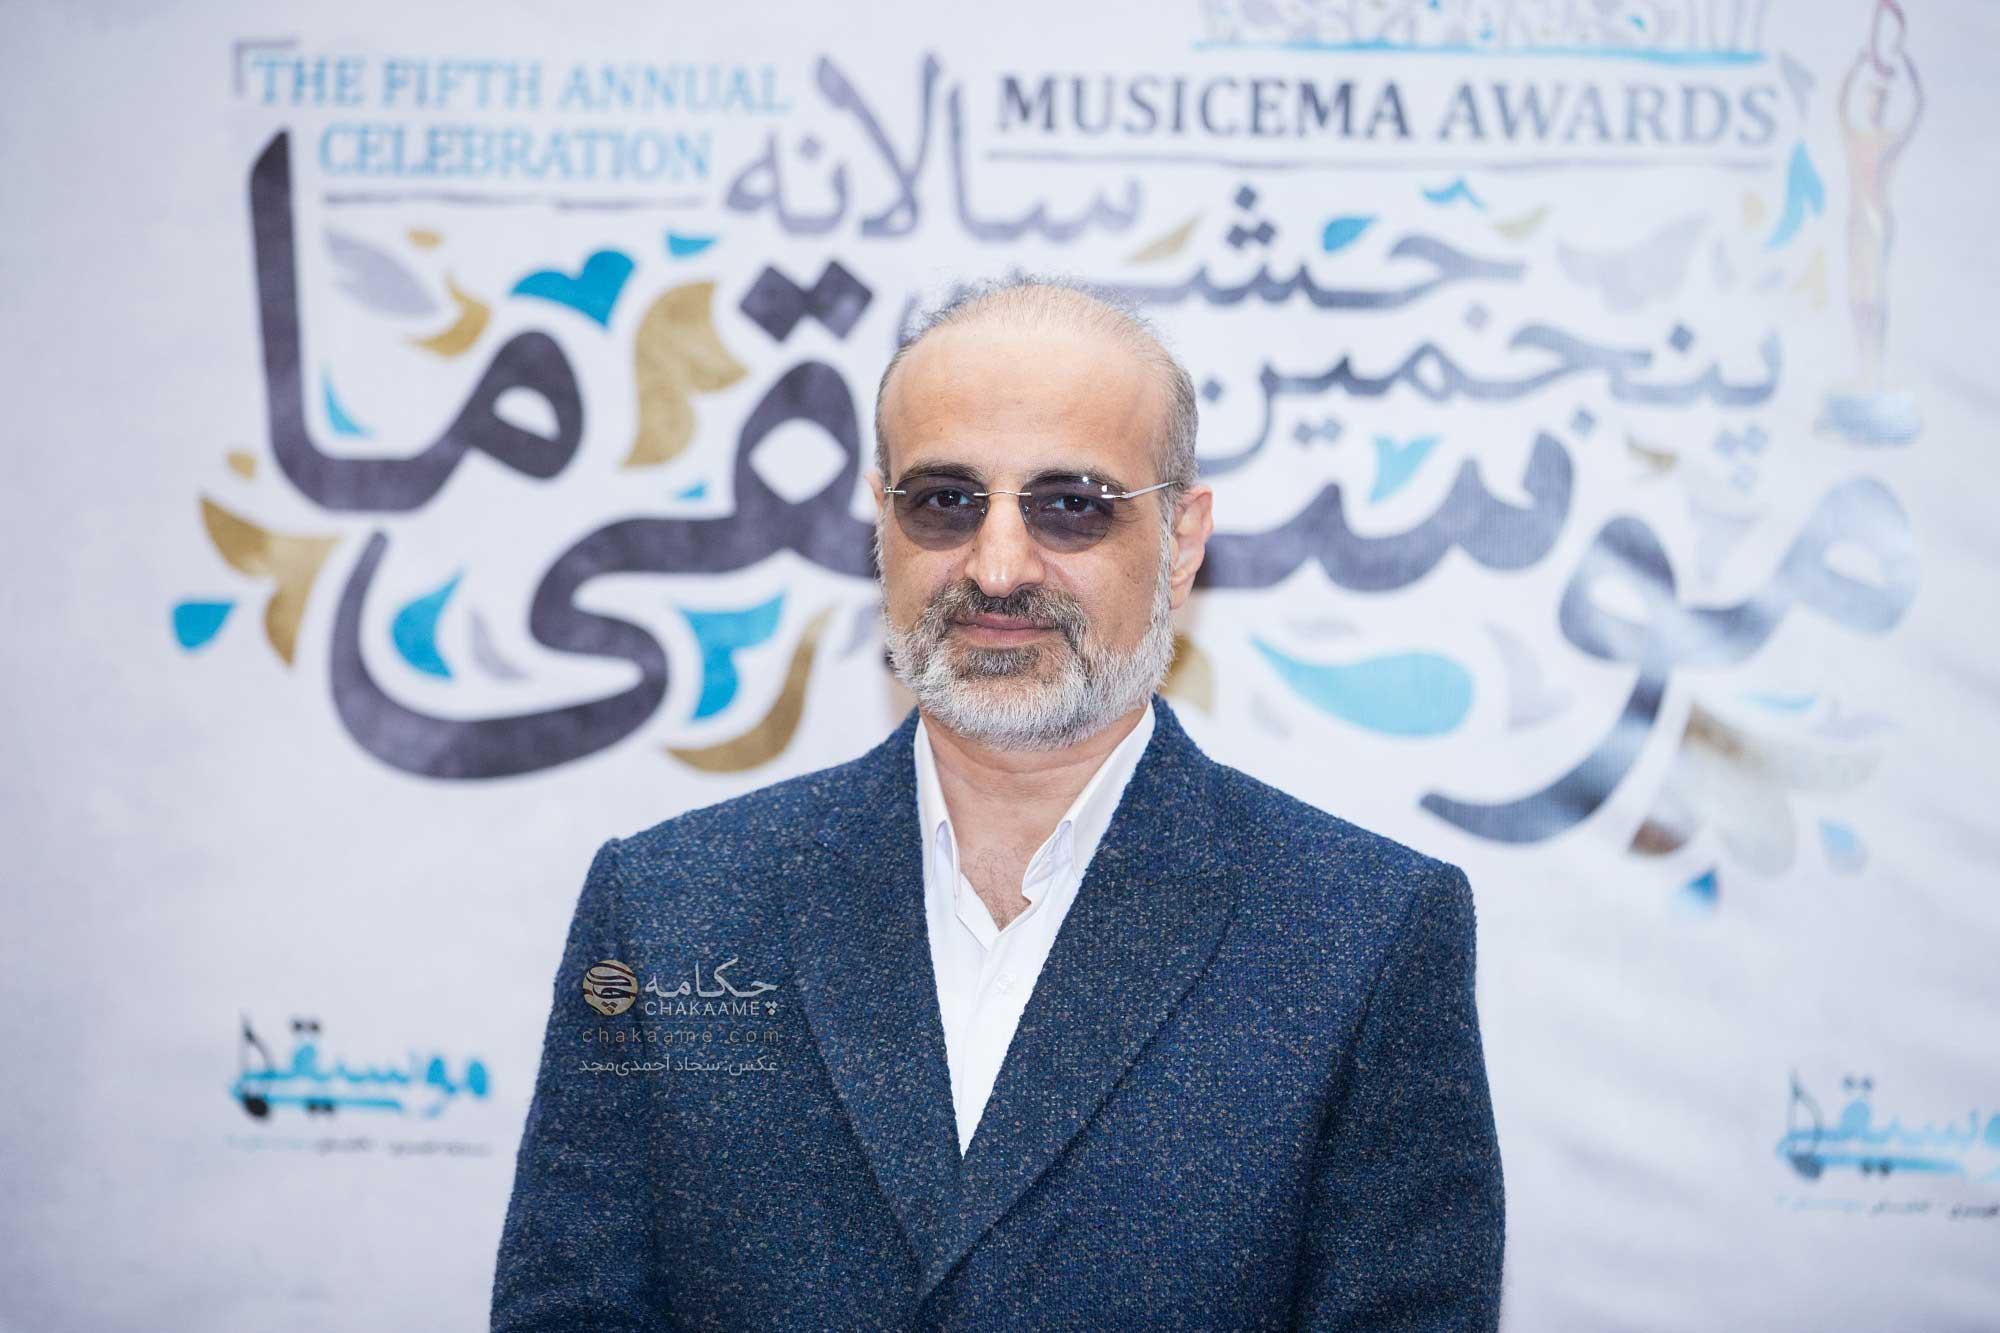 محمد اصفهانی - پنجمین جشن سالانه موسیقی ما